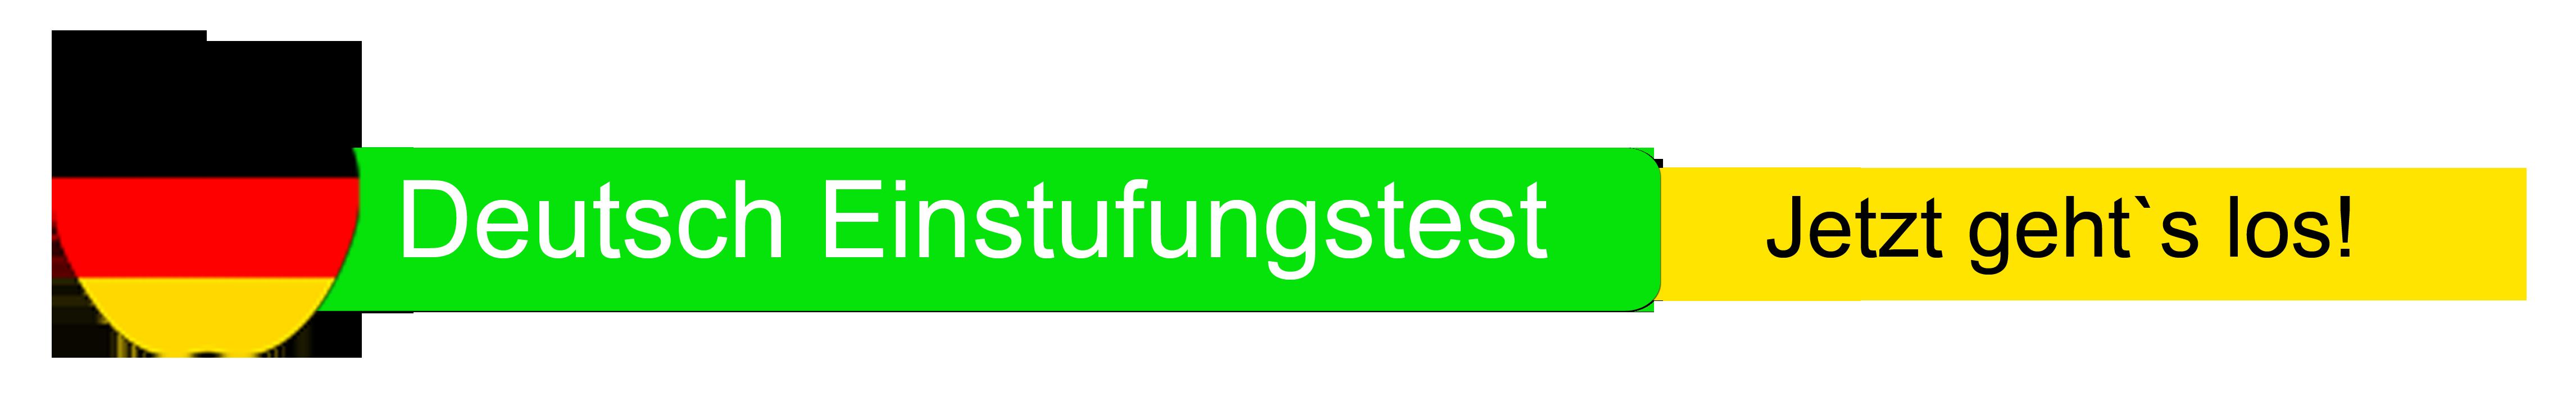 deutsch einstugunstest in der sprachschule aktiv_1